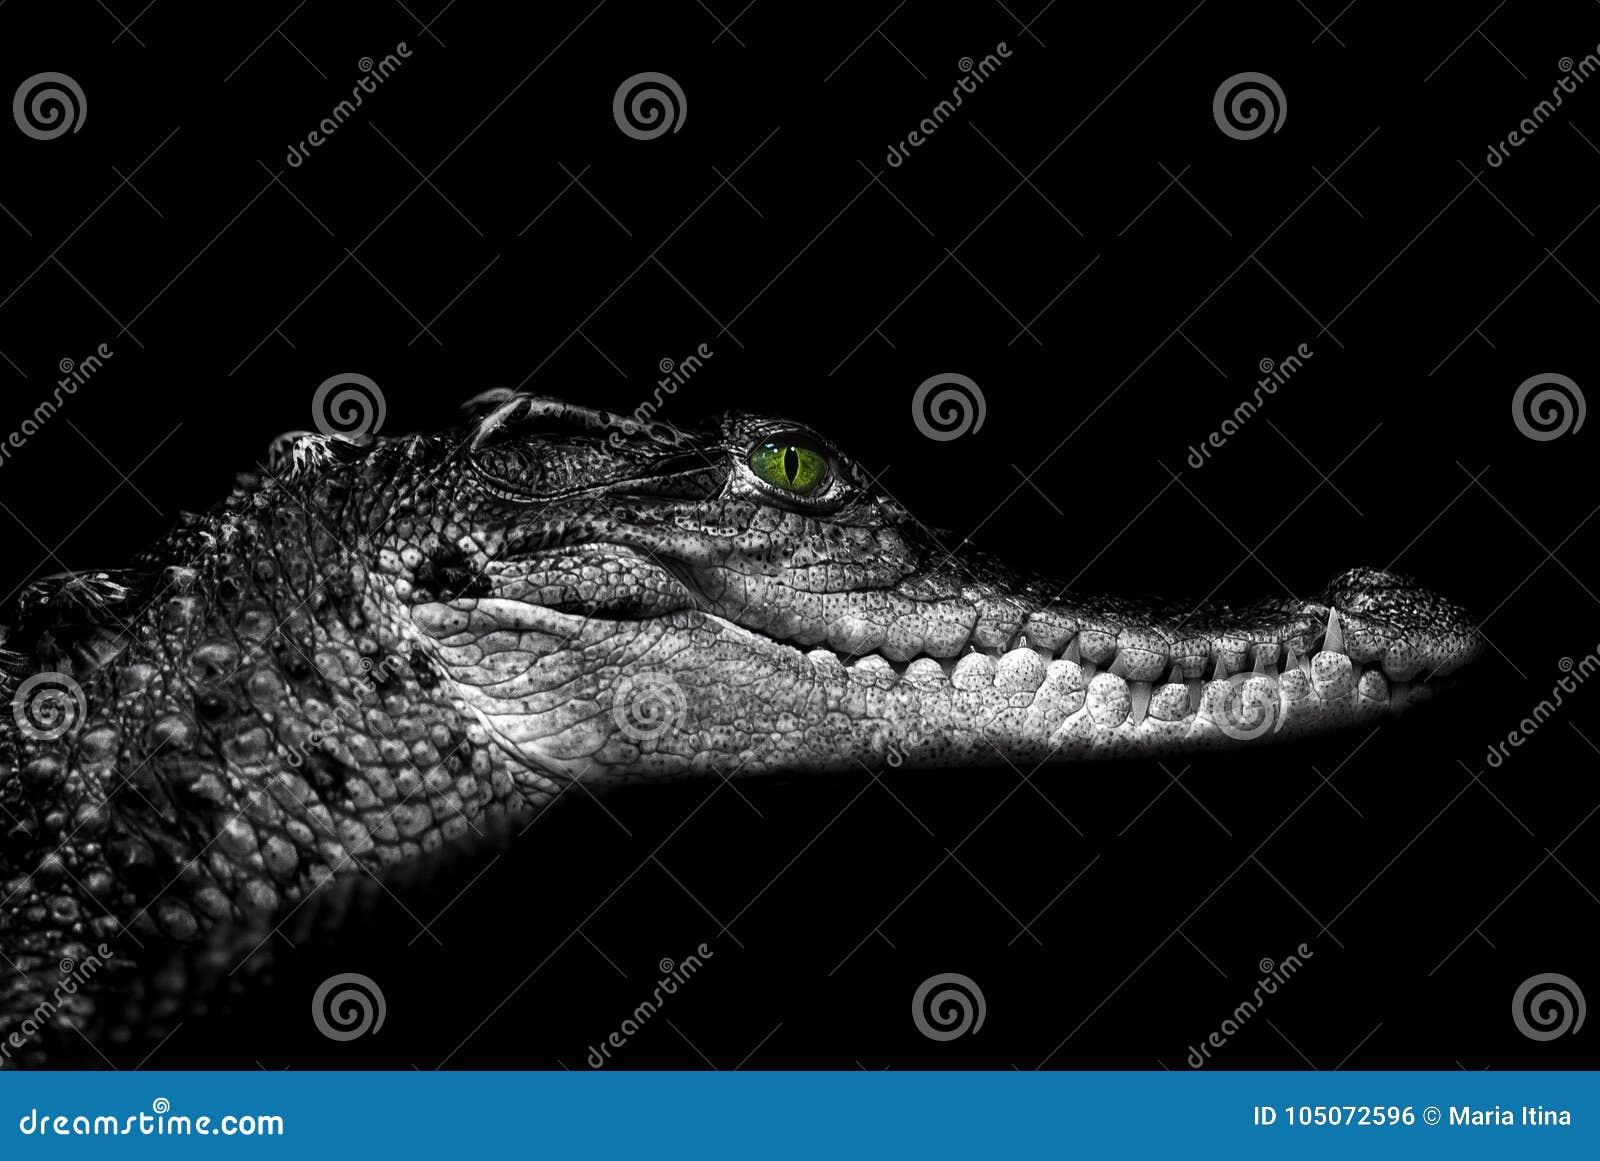 鳄鱼:在黑色的画象